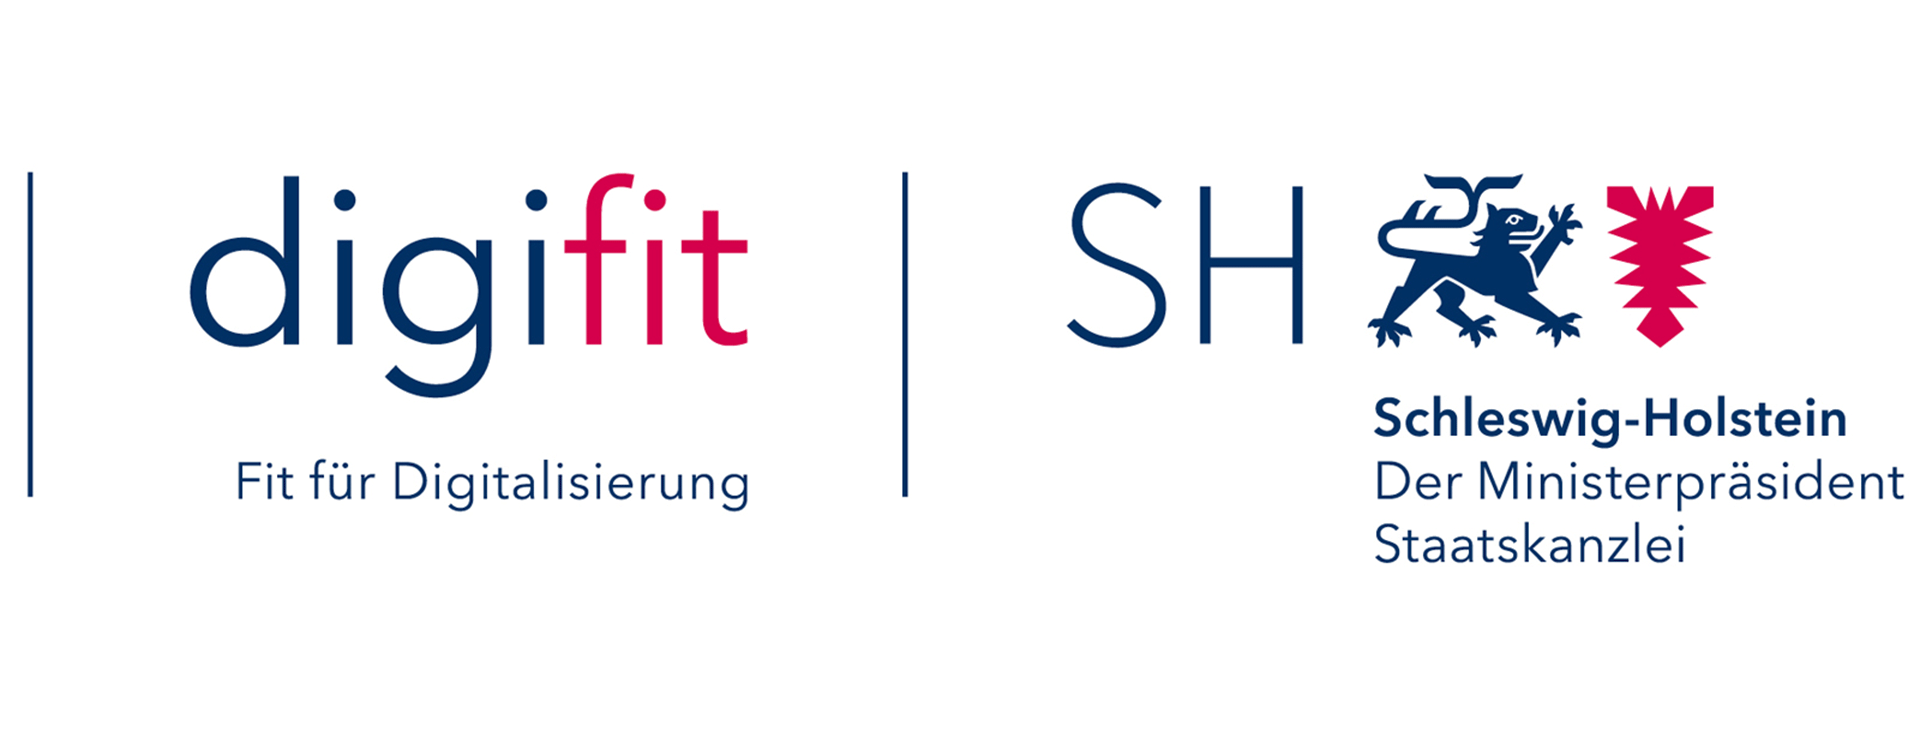 Logos digifit und Schleswig-Holstein